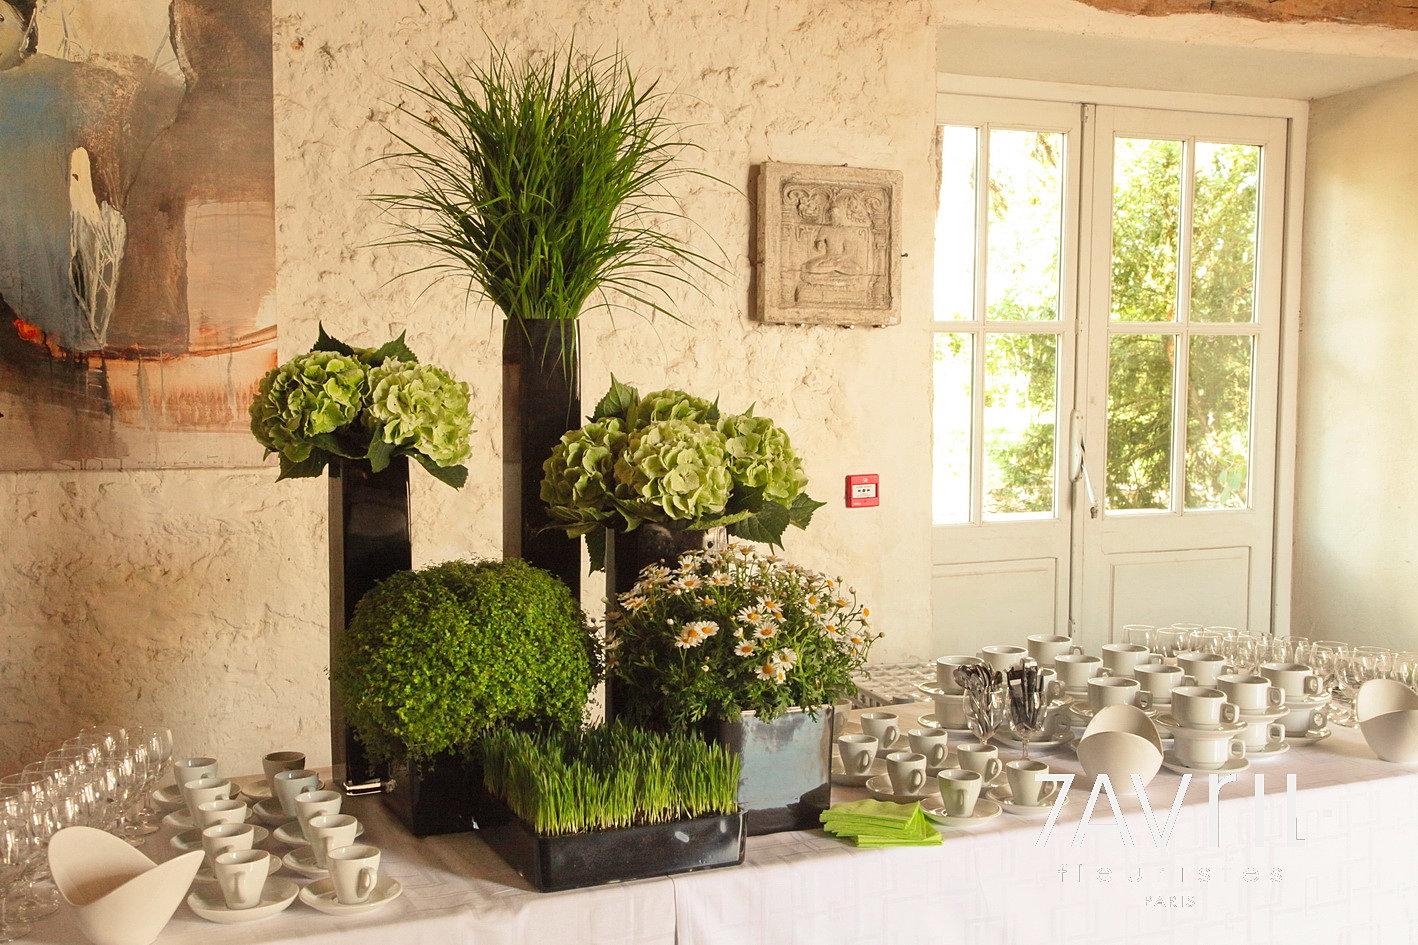 7 avril d coration florale fleuristes abonnement floral paris motif de buffet. Black Bedroom Furniture Sets. Home Design Ideas